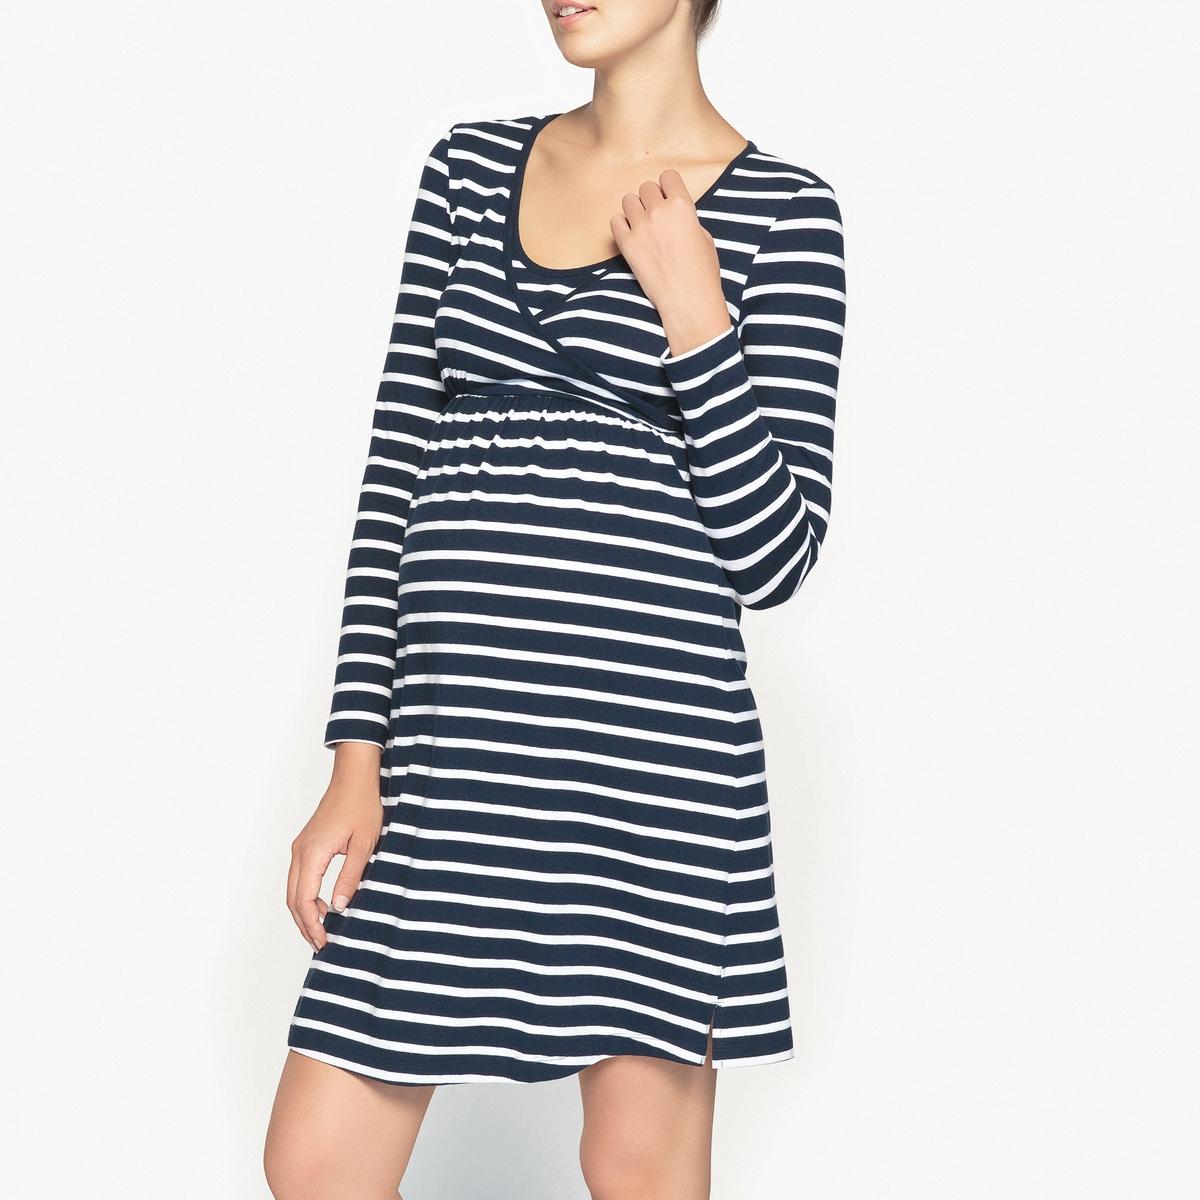 Рубашка ночная для периода беременности и грудного вскармливанияНочная рубашка для периода беременности и грудного вскармливания в полоску, с длинными рукавами, Cocoon.Ночная рубашка из джерси разработана специально для периода беременности и грудного вскармливания. Вставка спереди с вшитым бюстгальтером, адаптированным для грудного вскармливания. Эластичный пояс. Длинные рукава. Небольшие шлицы по бокам. Состав и описание : Материал : джерси 96% хлопка, 4% эластанаДлина : 90 смМарка : CocoonУход:Стирать при 40° на деликатном режиме с изделиями схожих цветов.    Стирать, сушить и гладить при низкой температуре с изнаночной стороны.<br><br>Цвет: темно-синий/ белый<br>Размер: 46/48 (FR) - 52/54 (RUS)